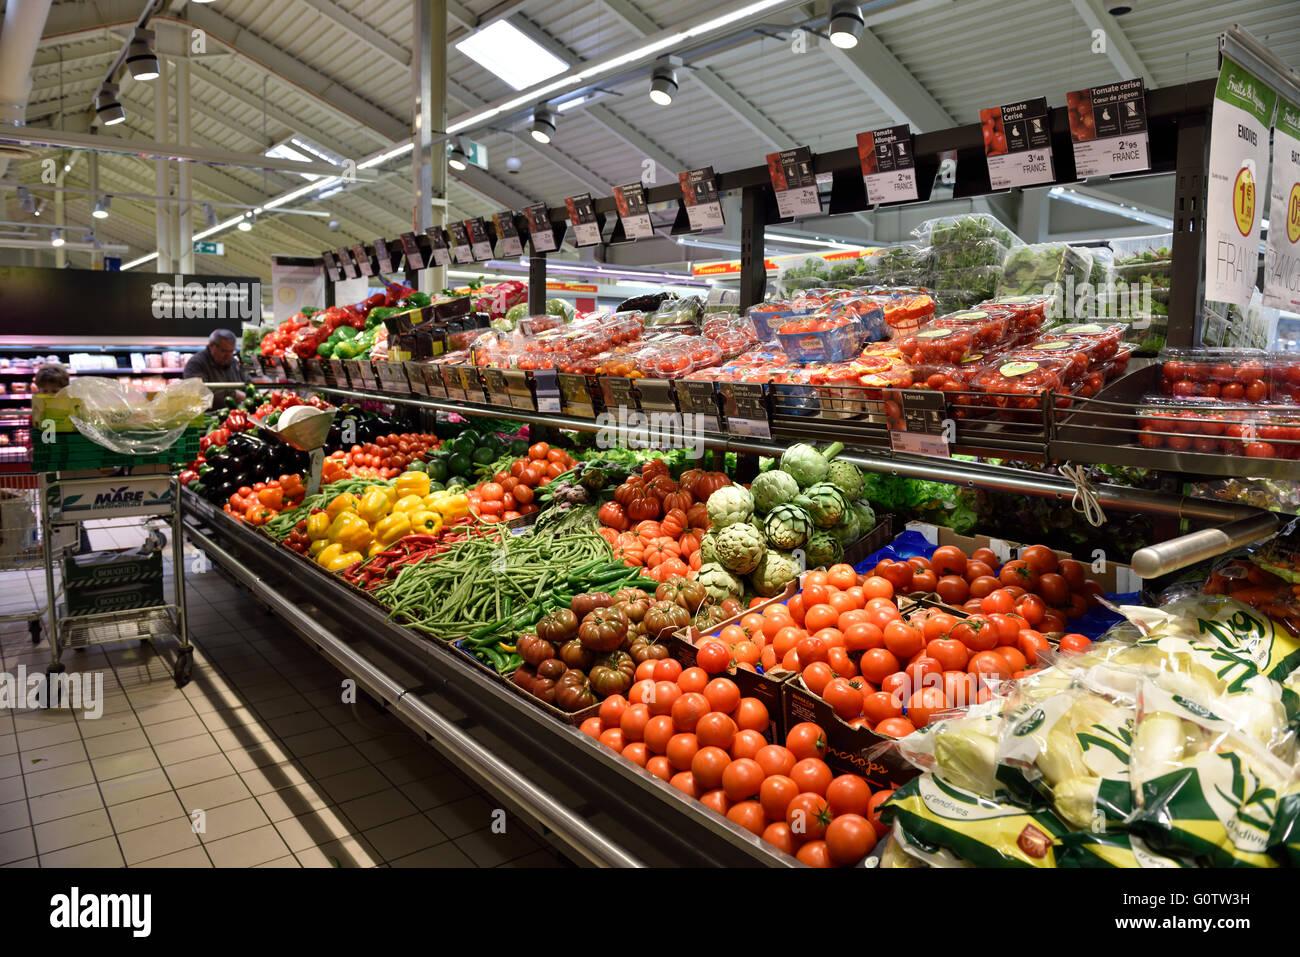 All Food Organic Supermarket